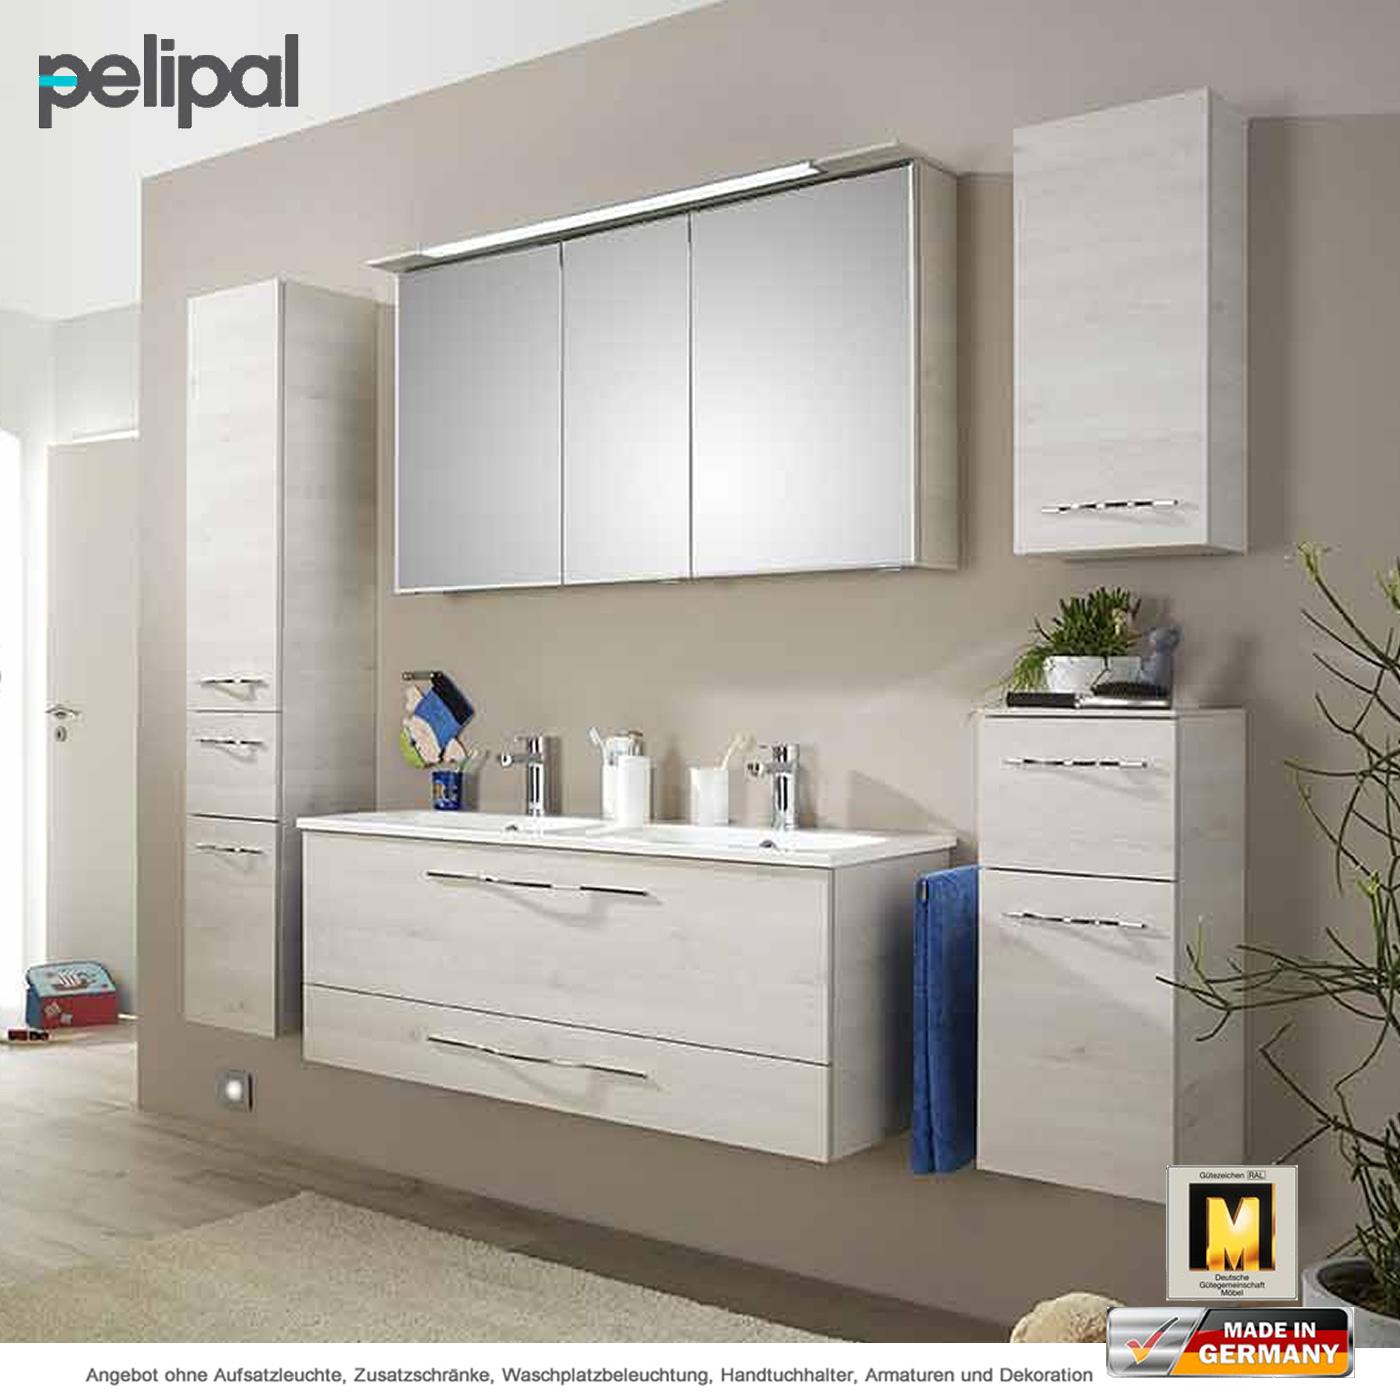 pelipal badm bel solitaire 6110 als set 120 cm mit spiegelschrank und doppelwaschtischset 2. Black Bedroom Furniture Sets. Home Design Ideas